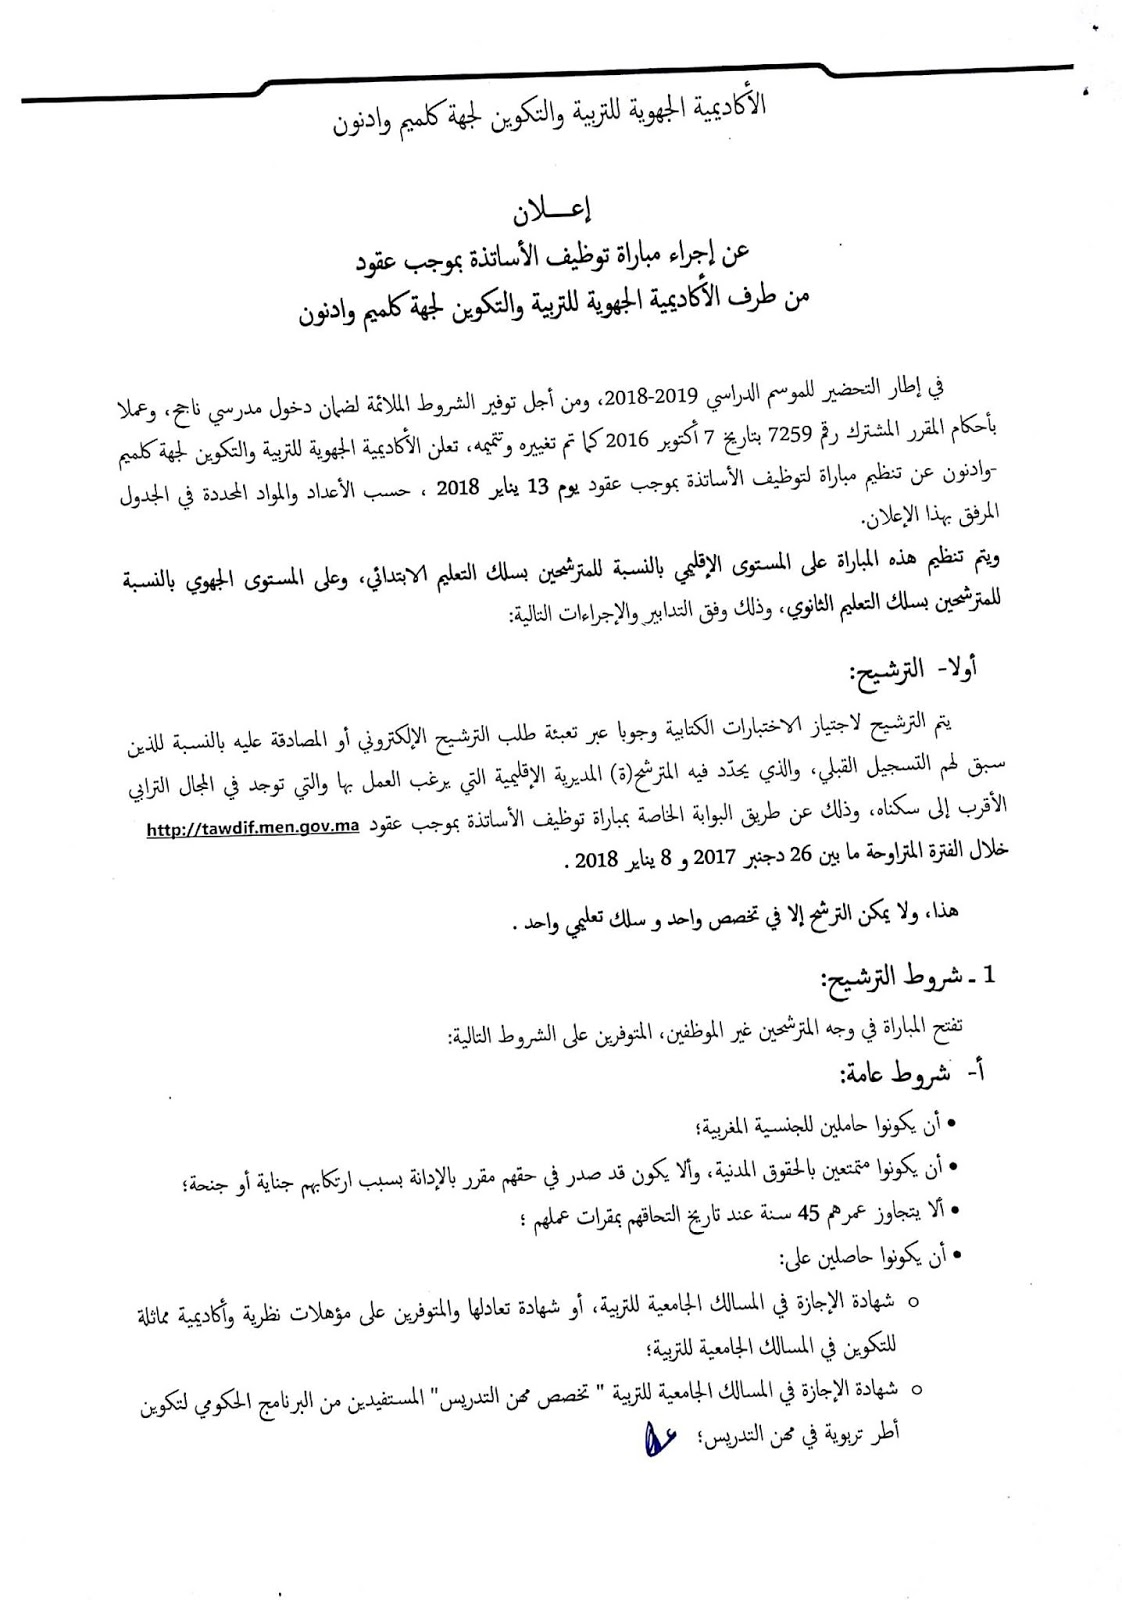 إعلان عن إجراء مباراة توظيف الأساتذة بموجب عقود من طرف أكاديمية جهة كلميم واد نون فوج 2018